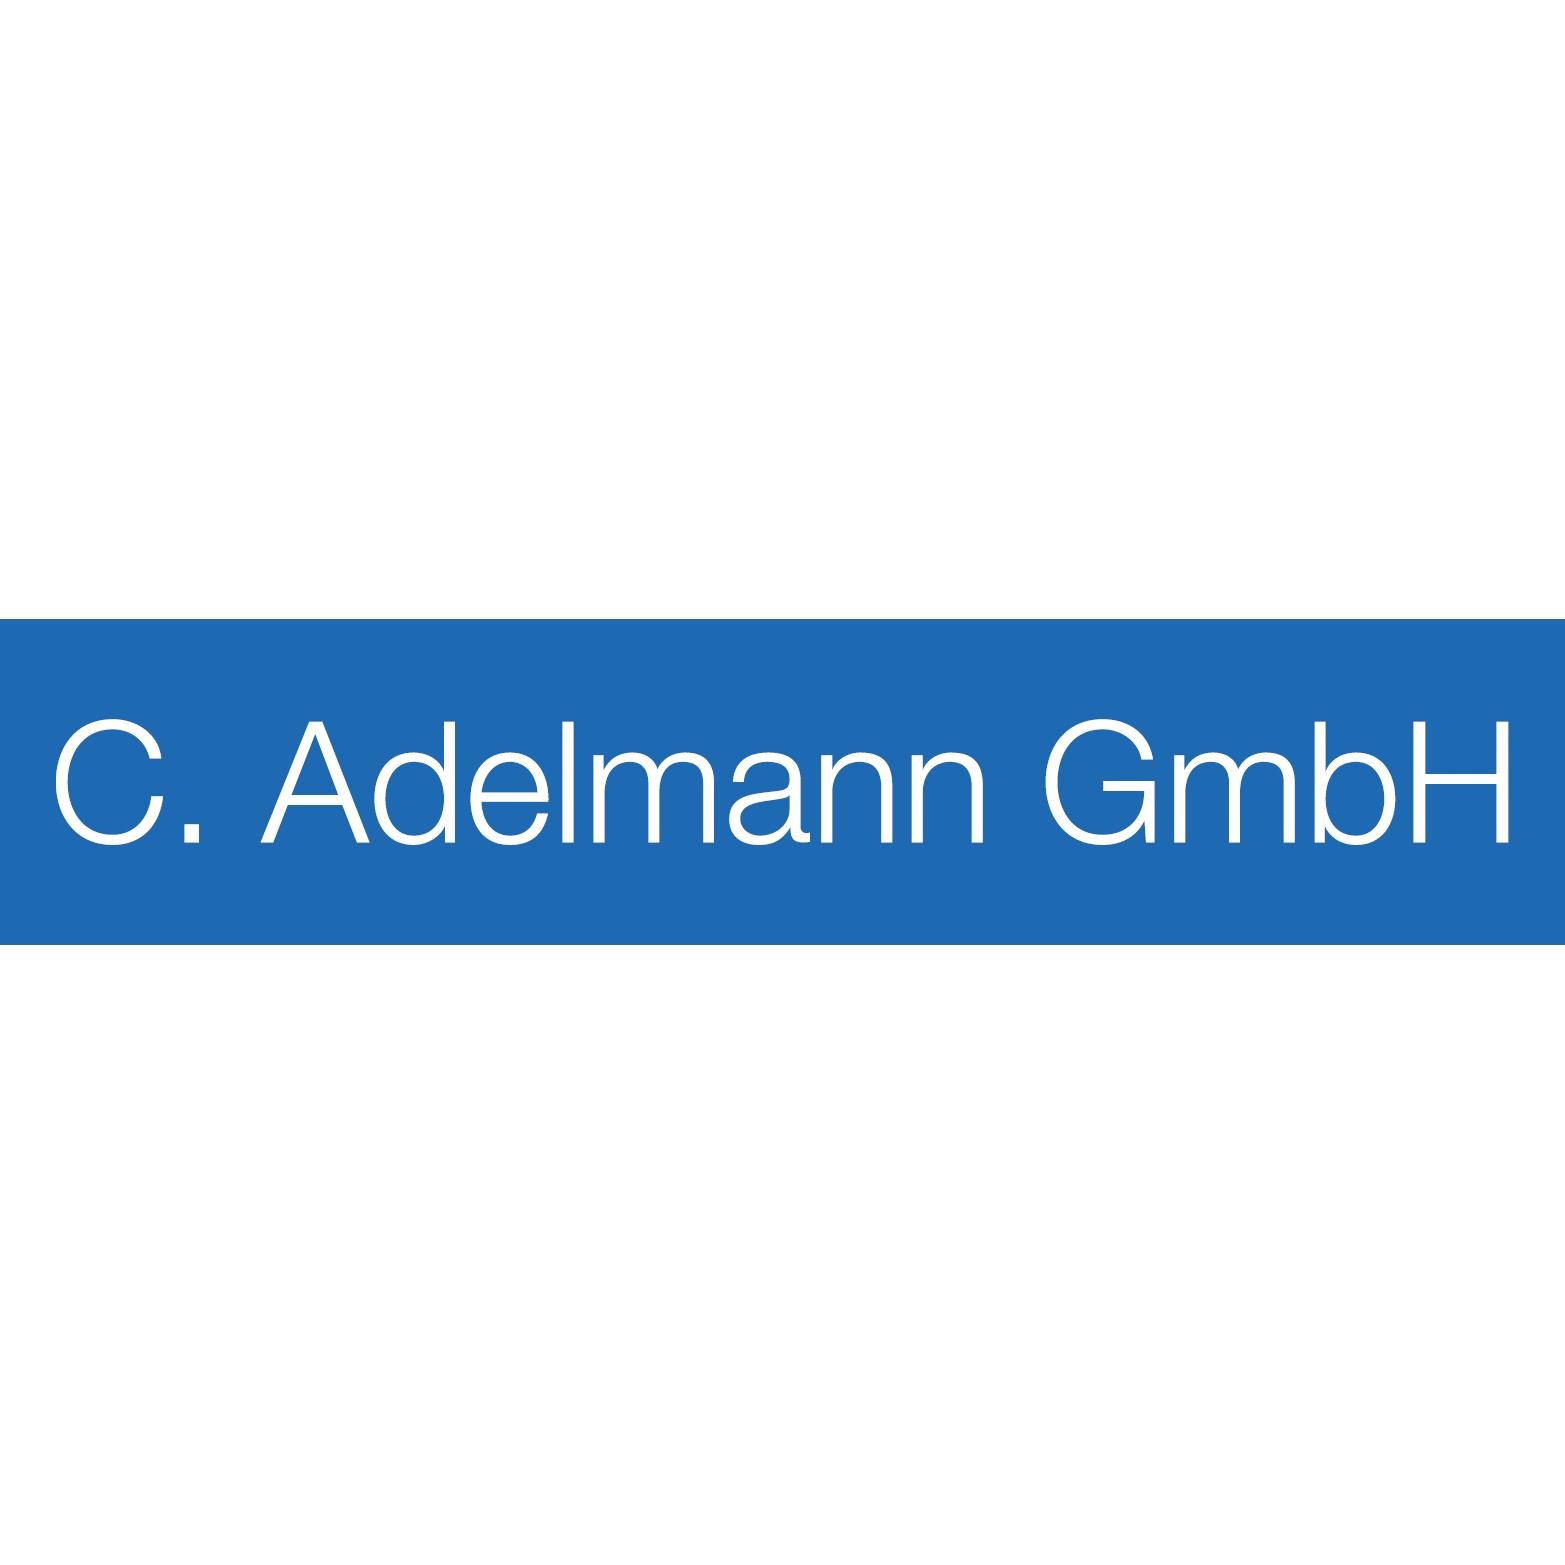 Bild zu C. Adelmann GmbH Buchdruck - Offsetdruck in Frankfurt am Main